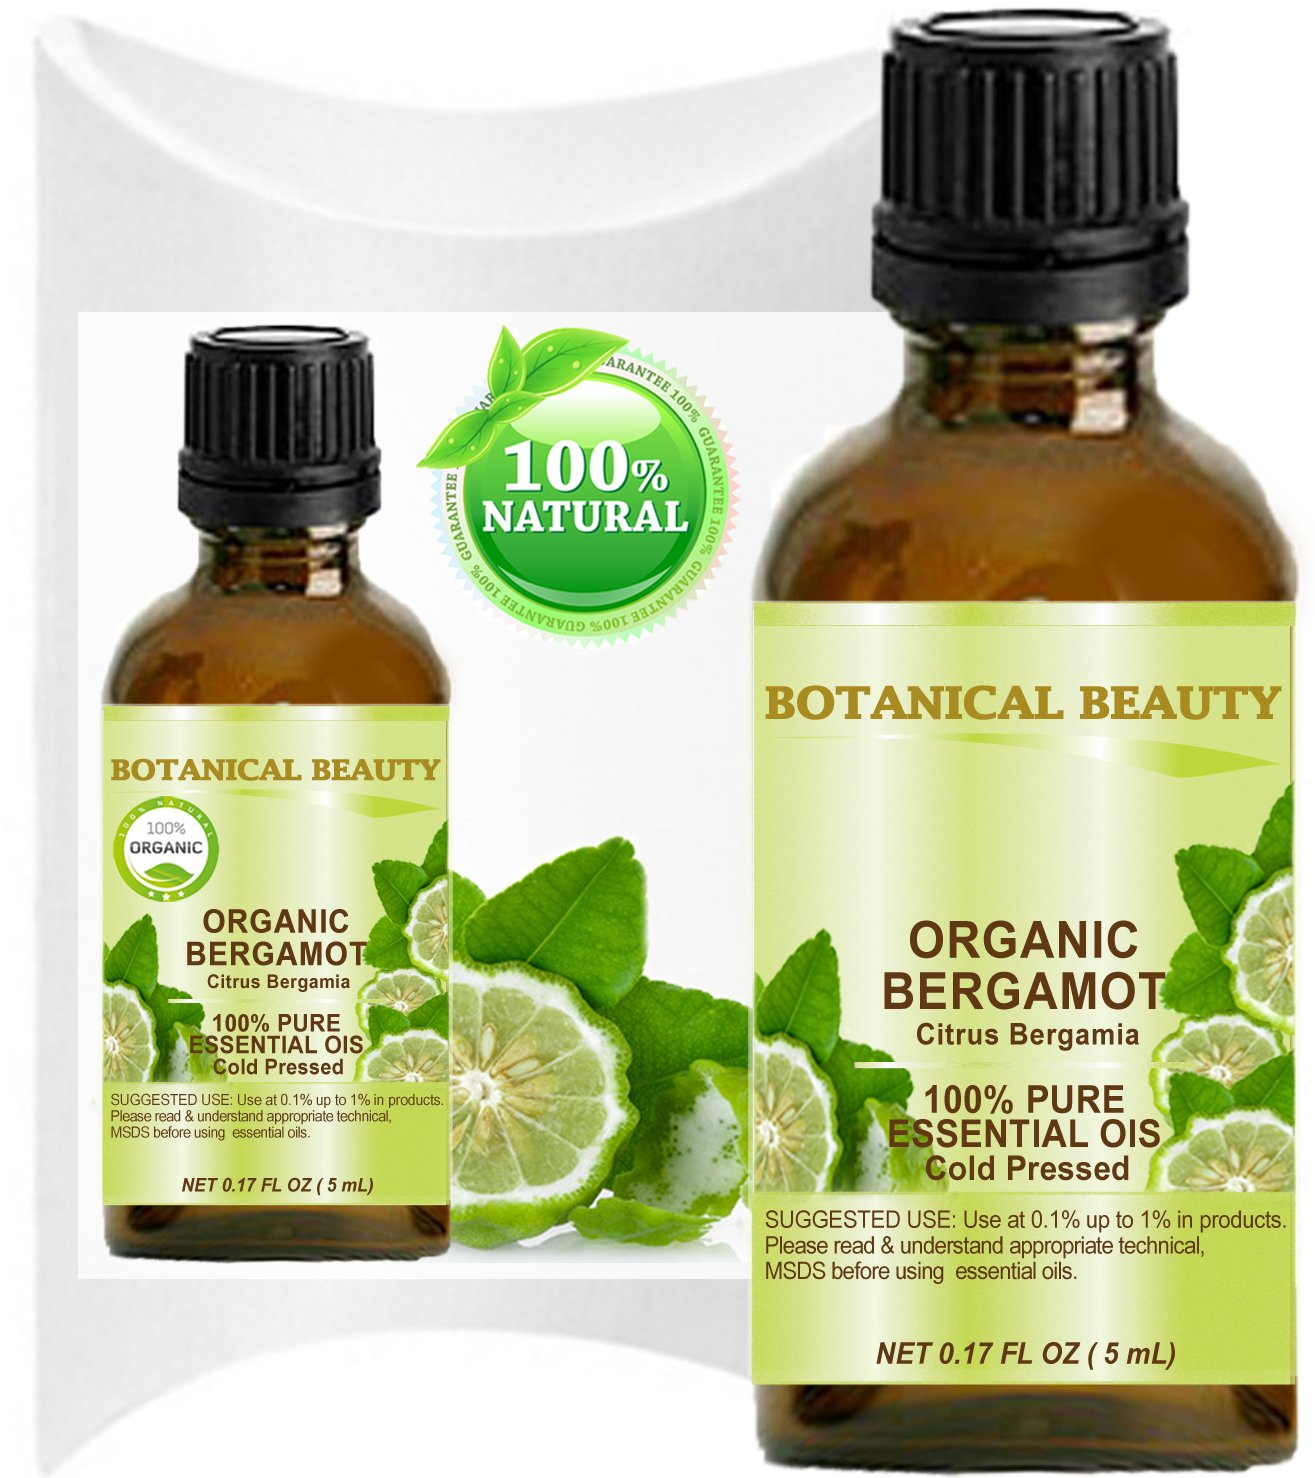 ORGANIC BERGAMOT ESSENTIAL OIL Italian - CITRUS BERGAMIA. 100% Pure Therapeutic Grade, Premium Quality, Undiluted. (0.17 Fl.oz - 5 ml)